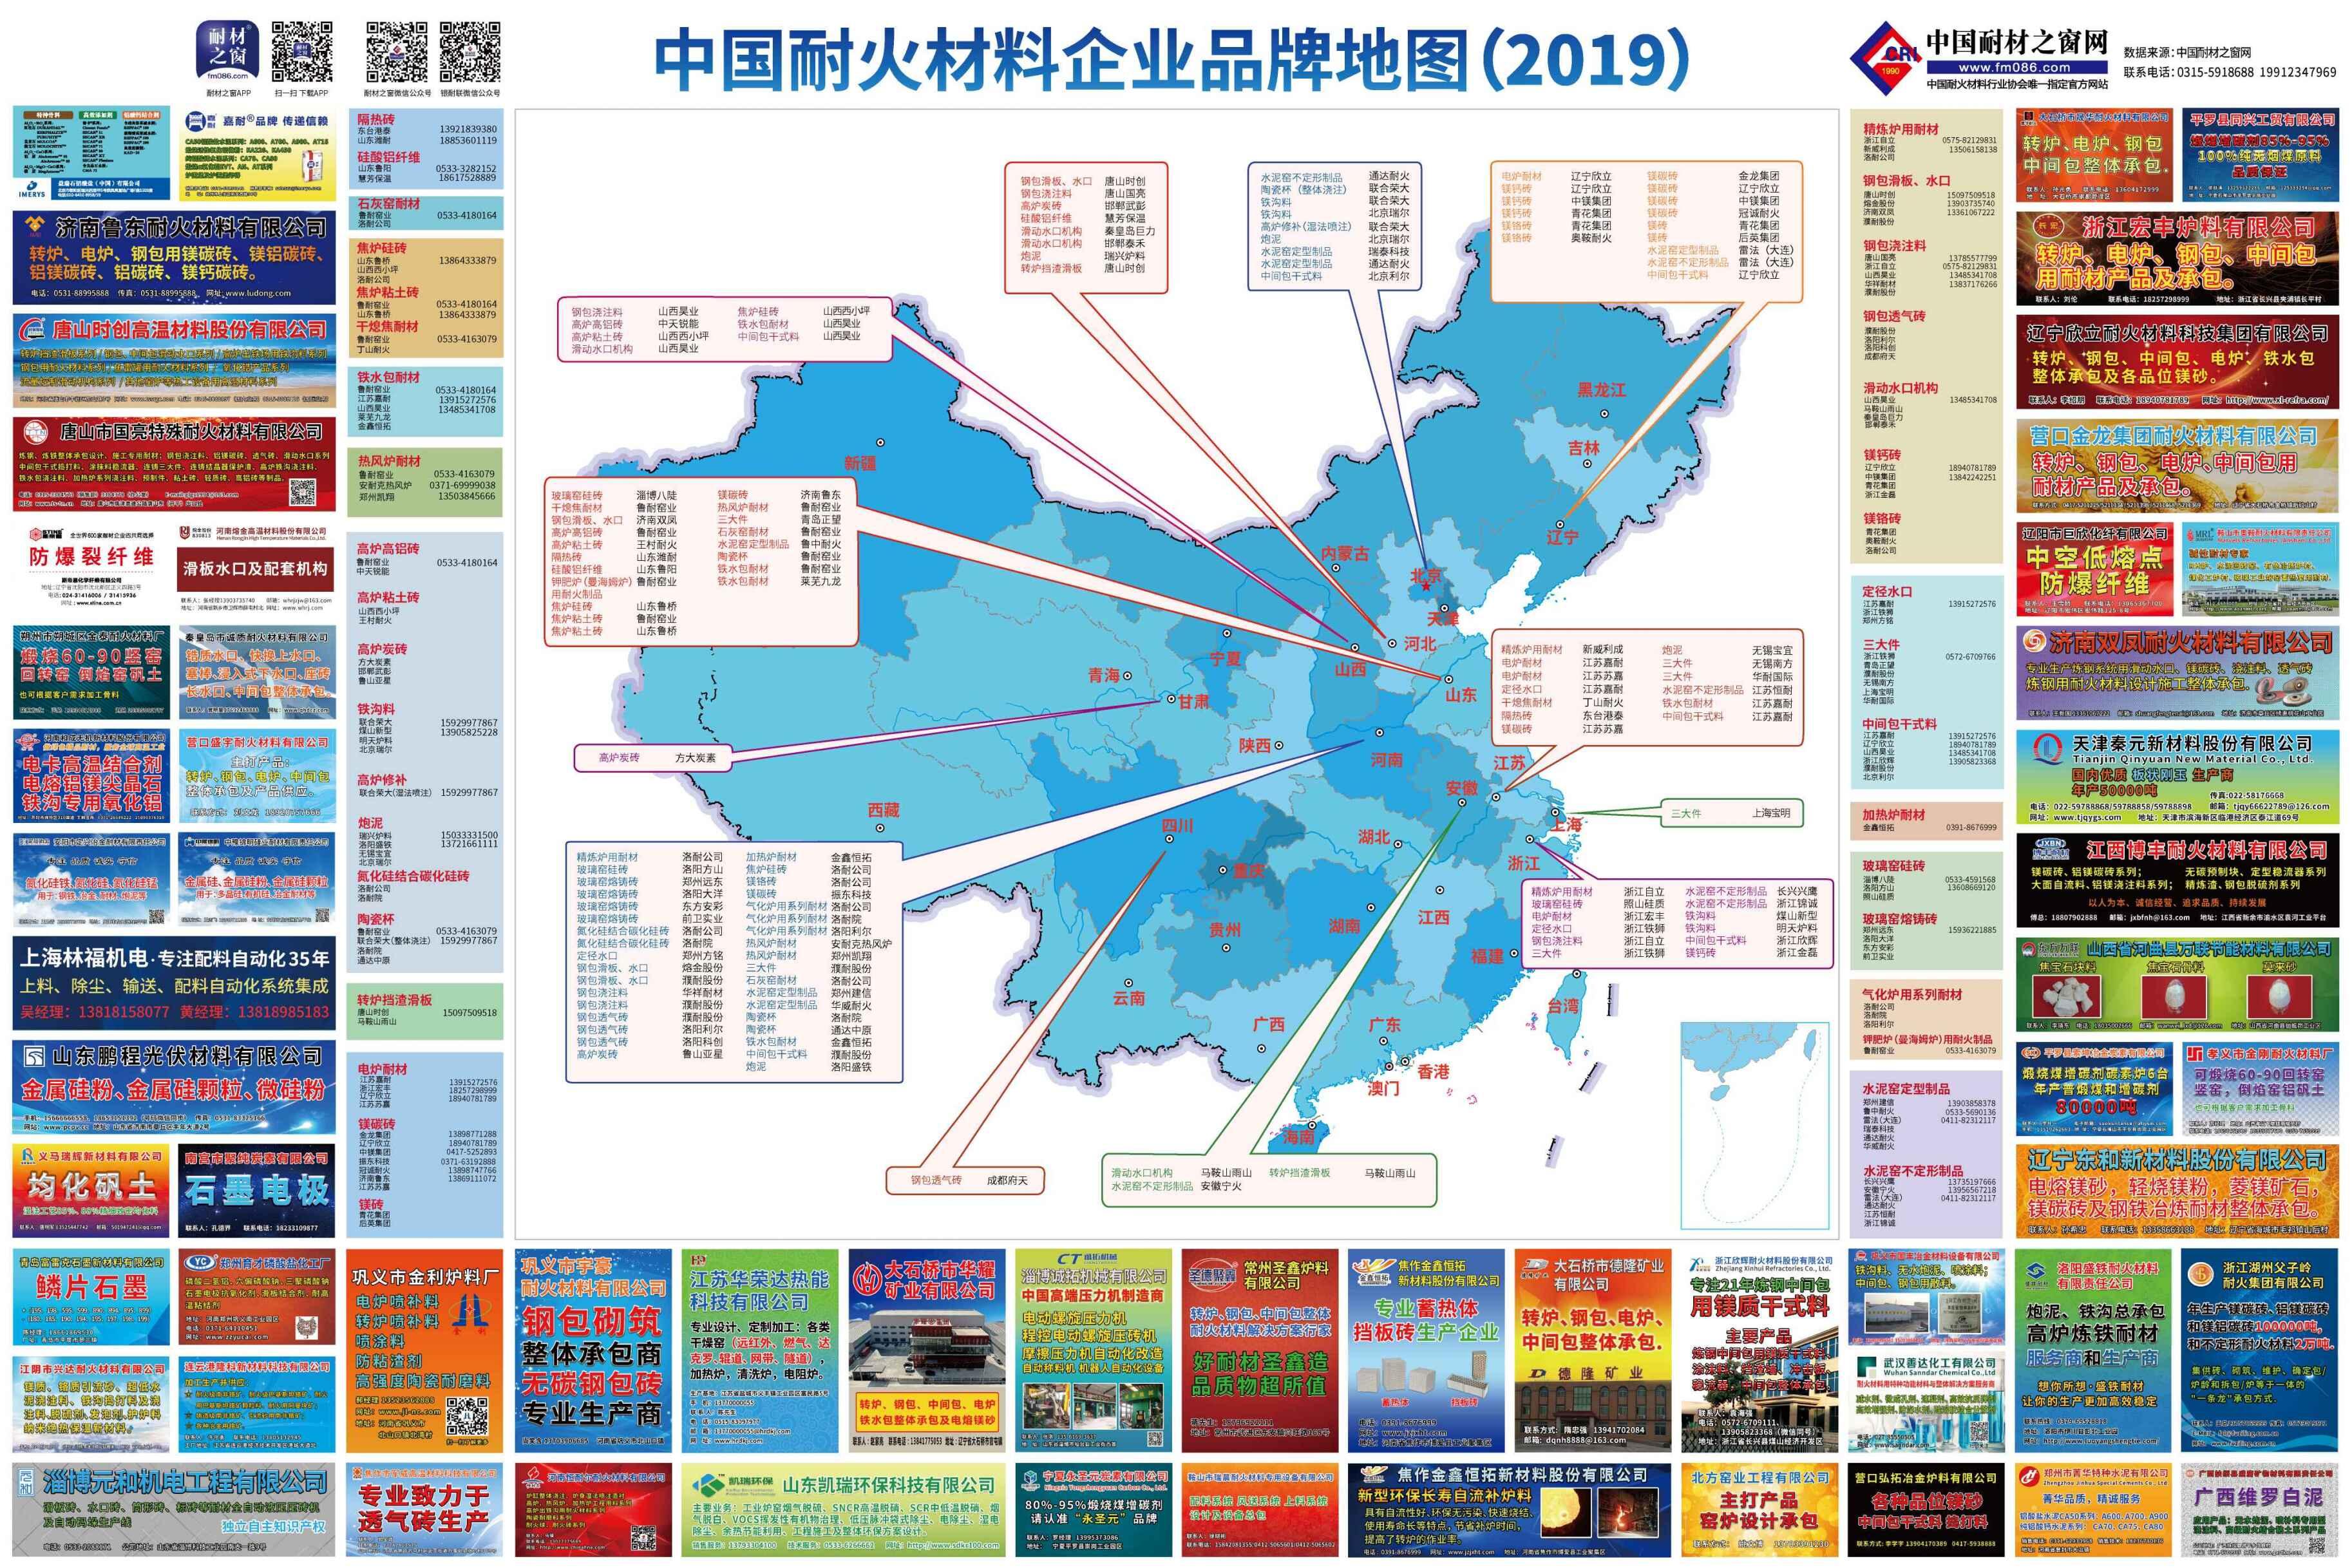 中国耐火材料企业品牌地图(2019)